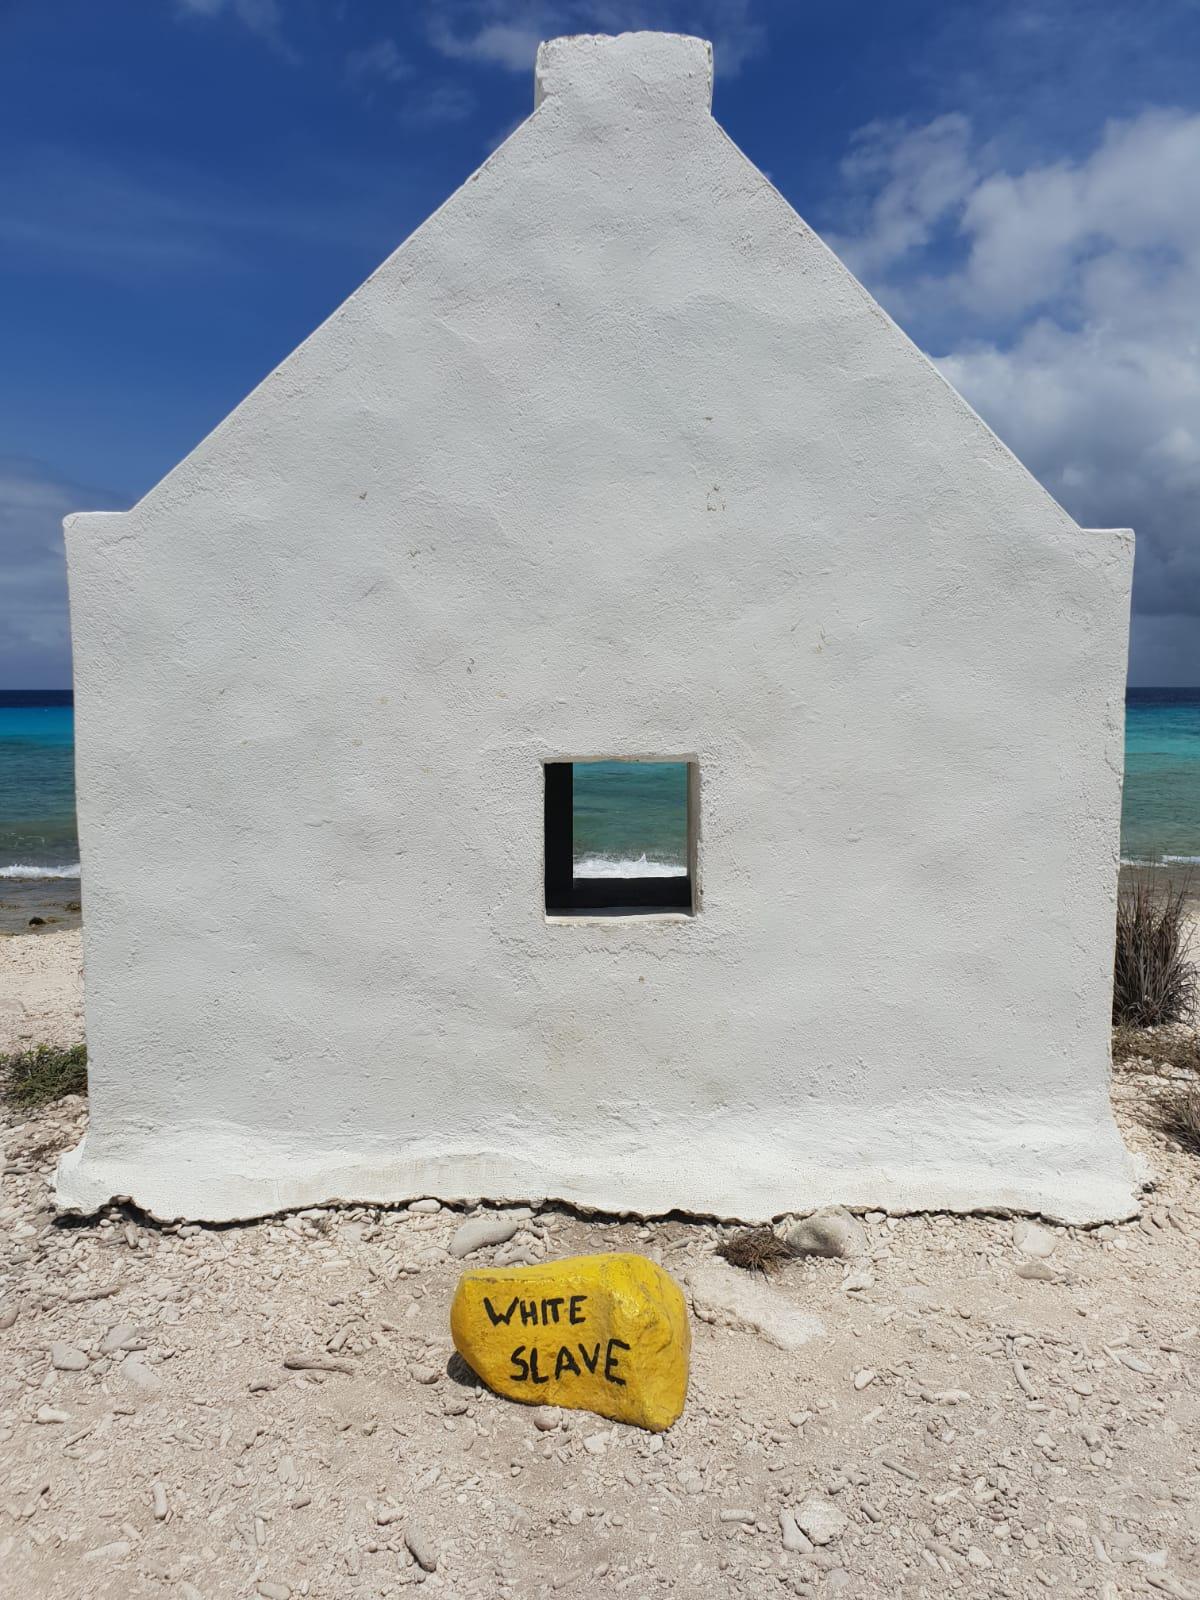 The slave huts